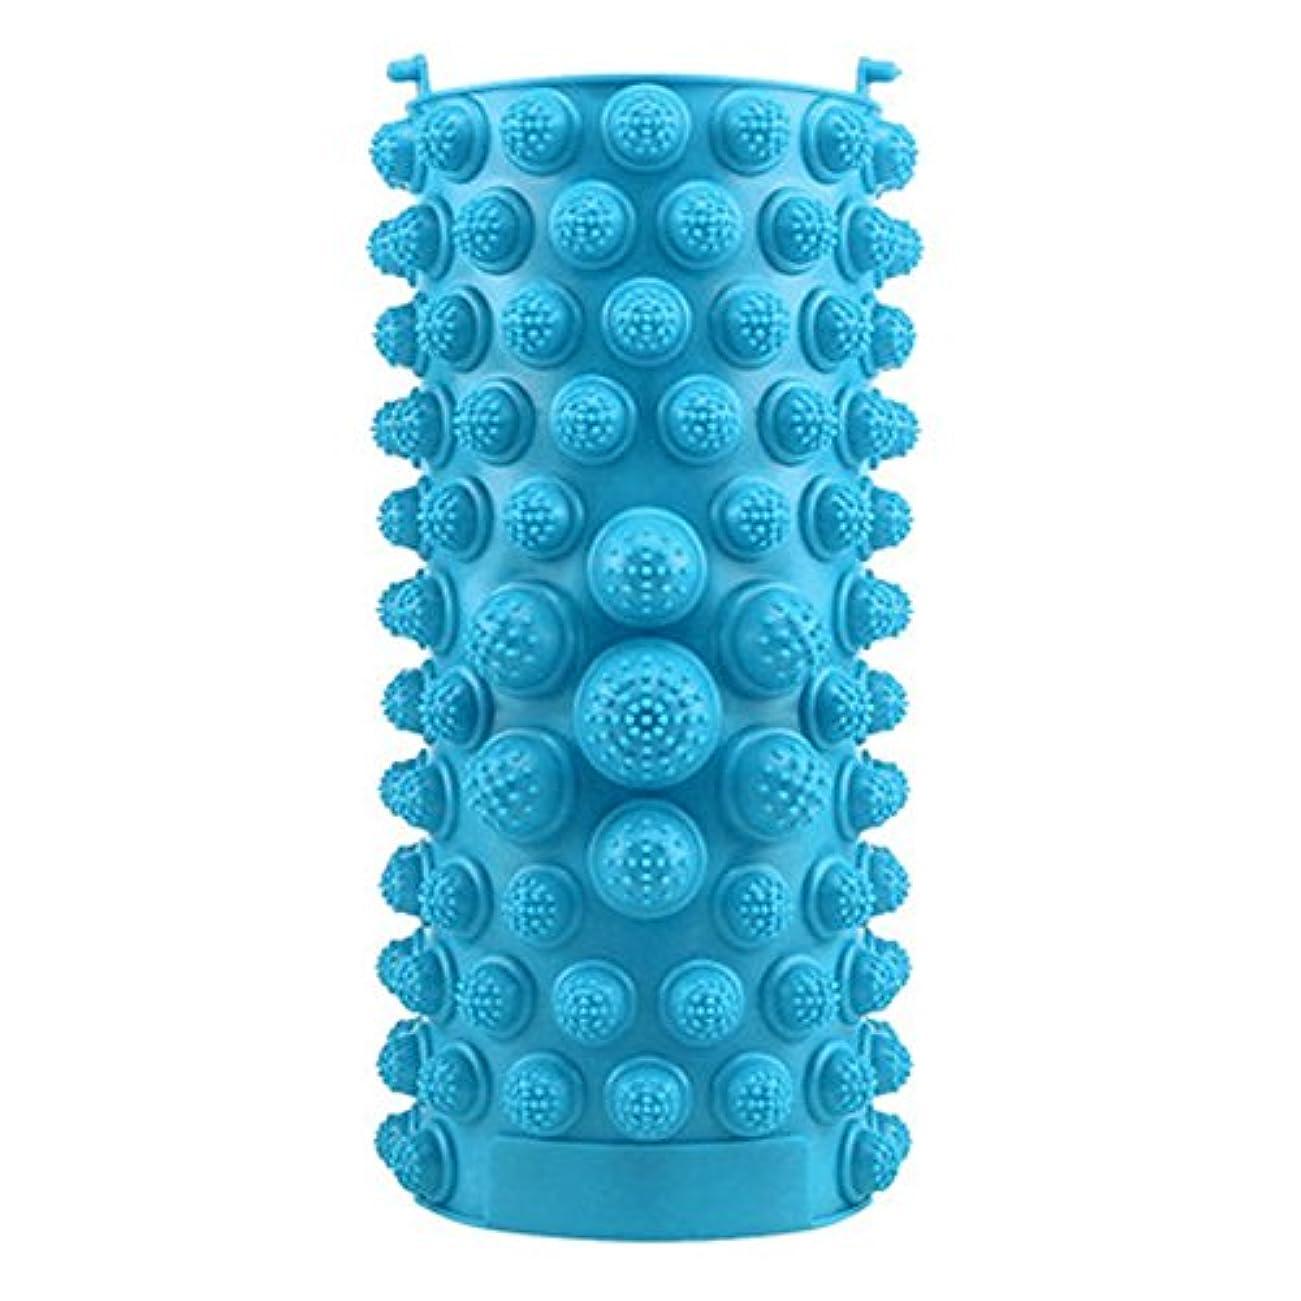 ノイズハントあざYZRCRKFad's Dayギフトマッサージクッション子供ホームマッサージクッションフットマッサージクッション鍼灸ポイントフットパッドマッサージクッション (色 : 青)